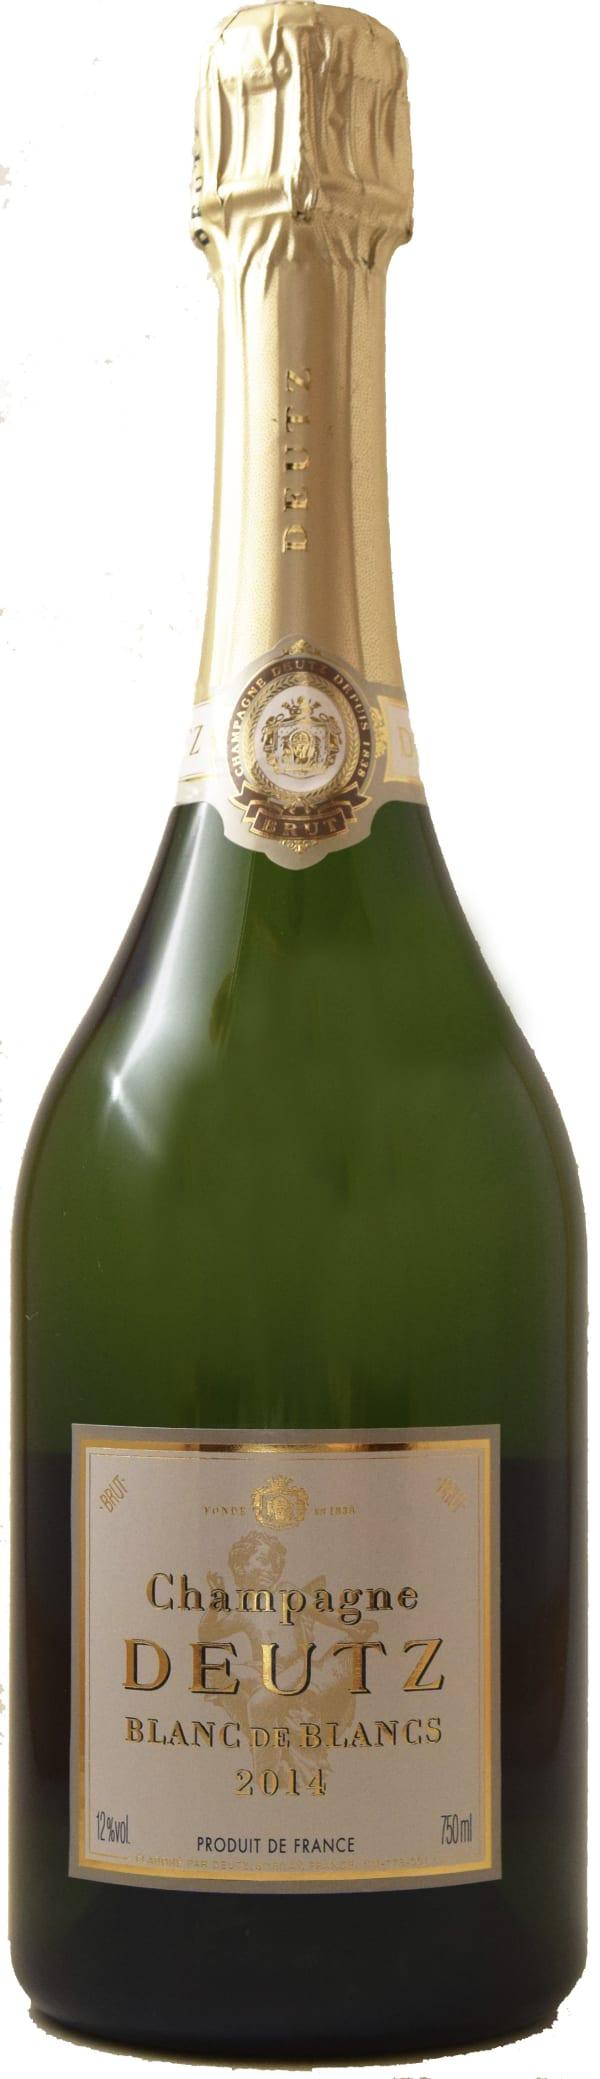 Deutz Blanc de Blancs Champagne Brut 2013